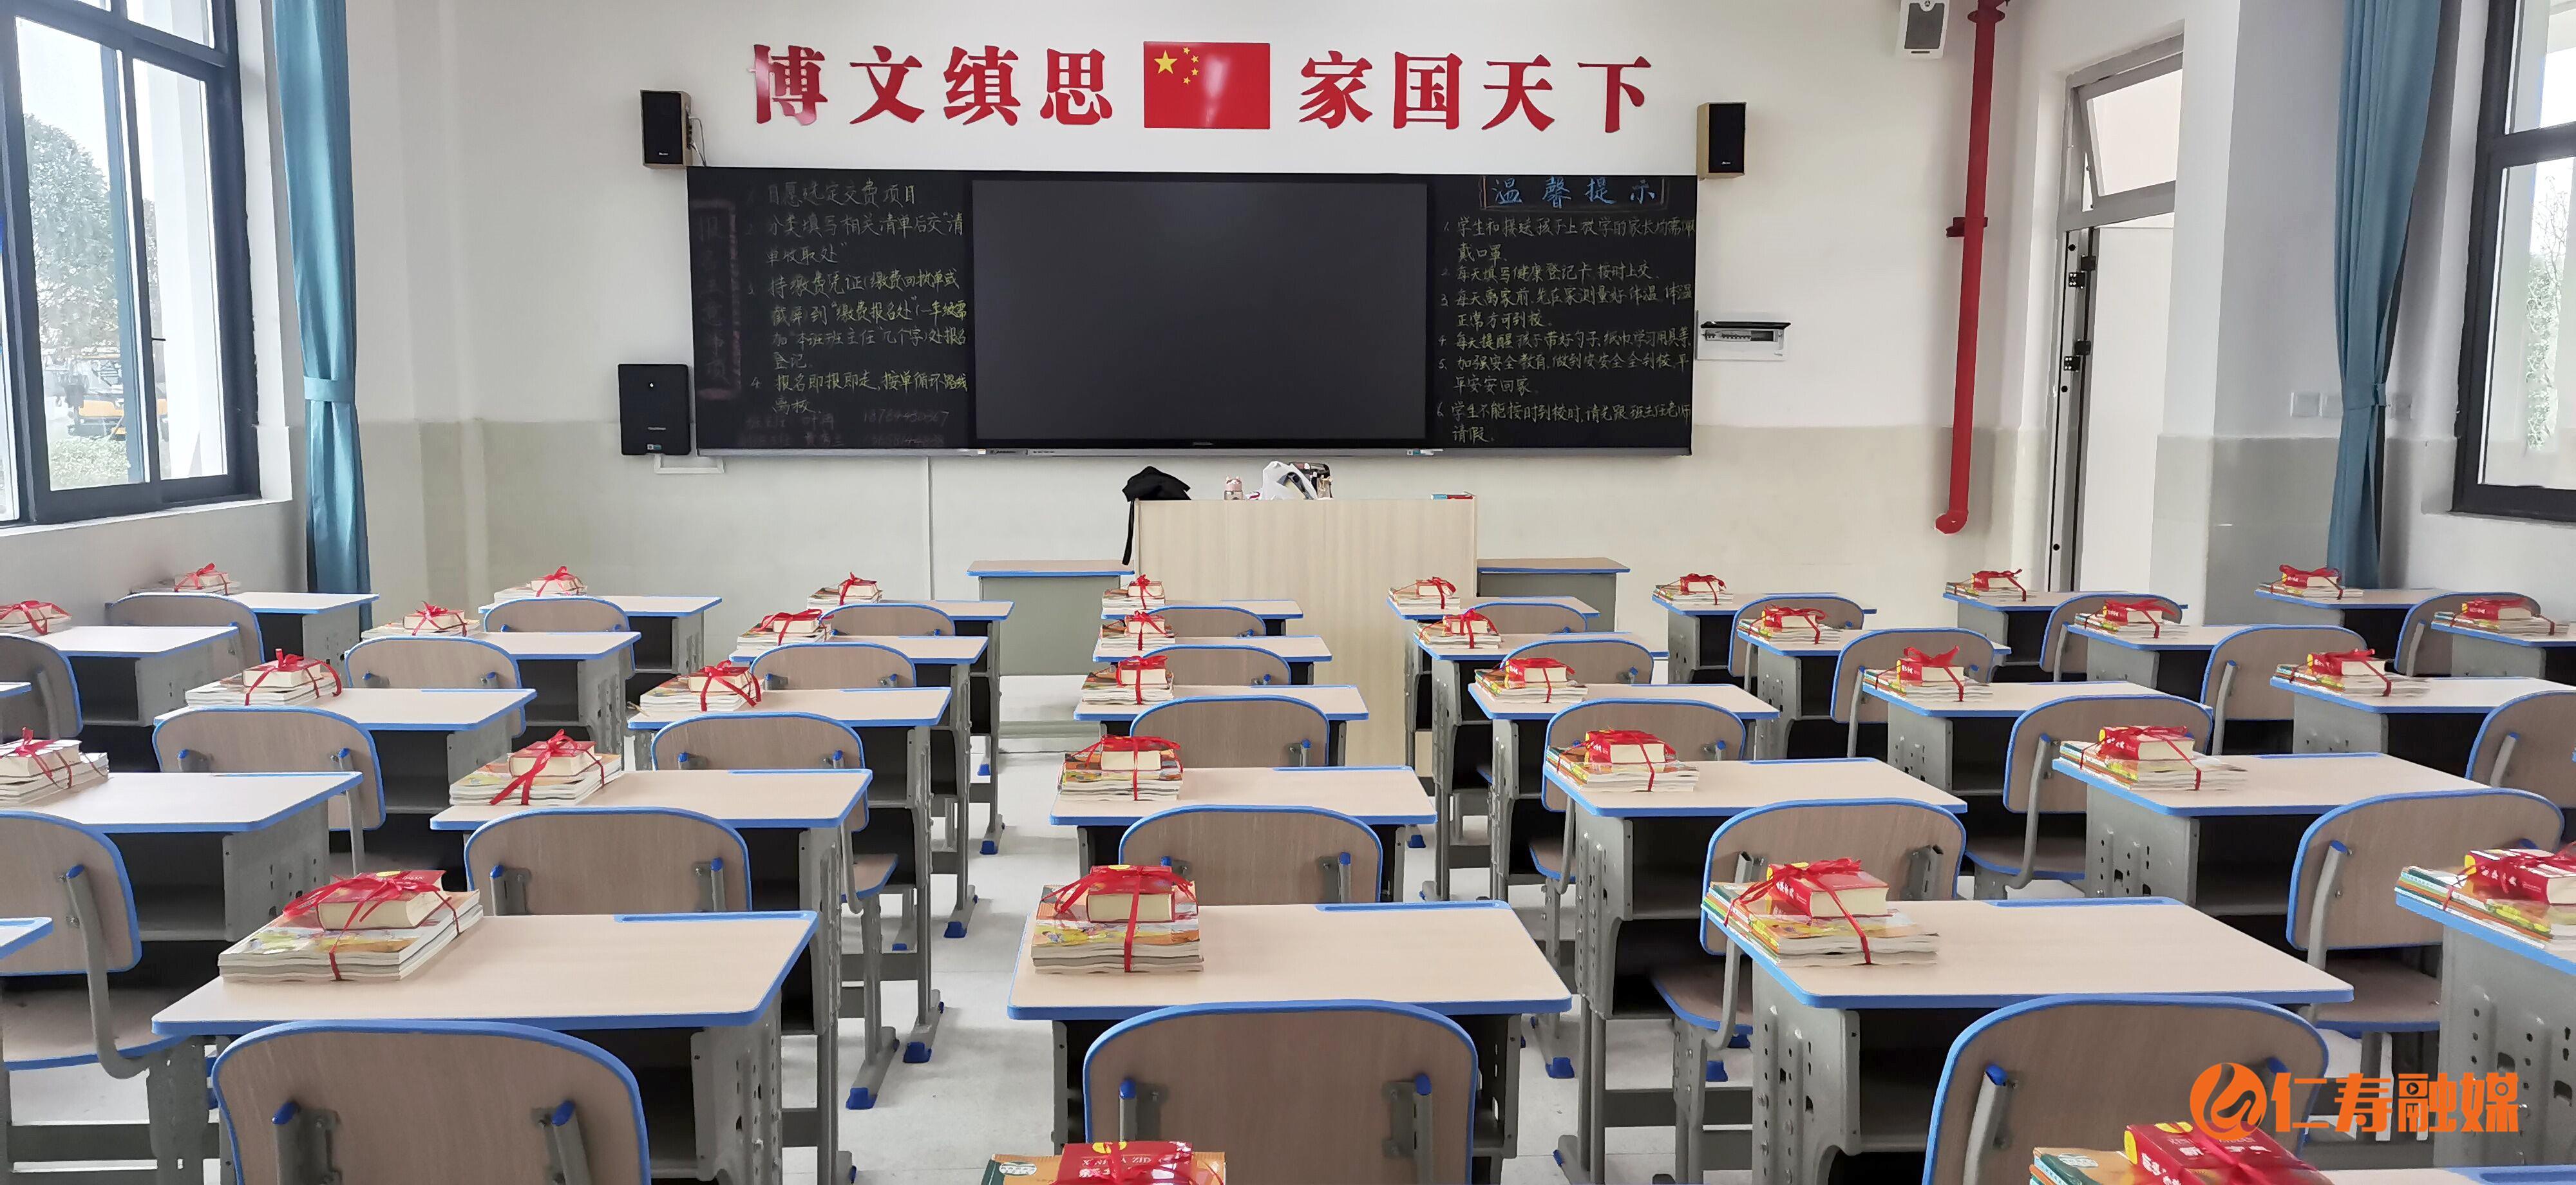 城北又一所新学校投用可让2700名学生就近入学